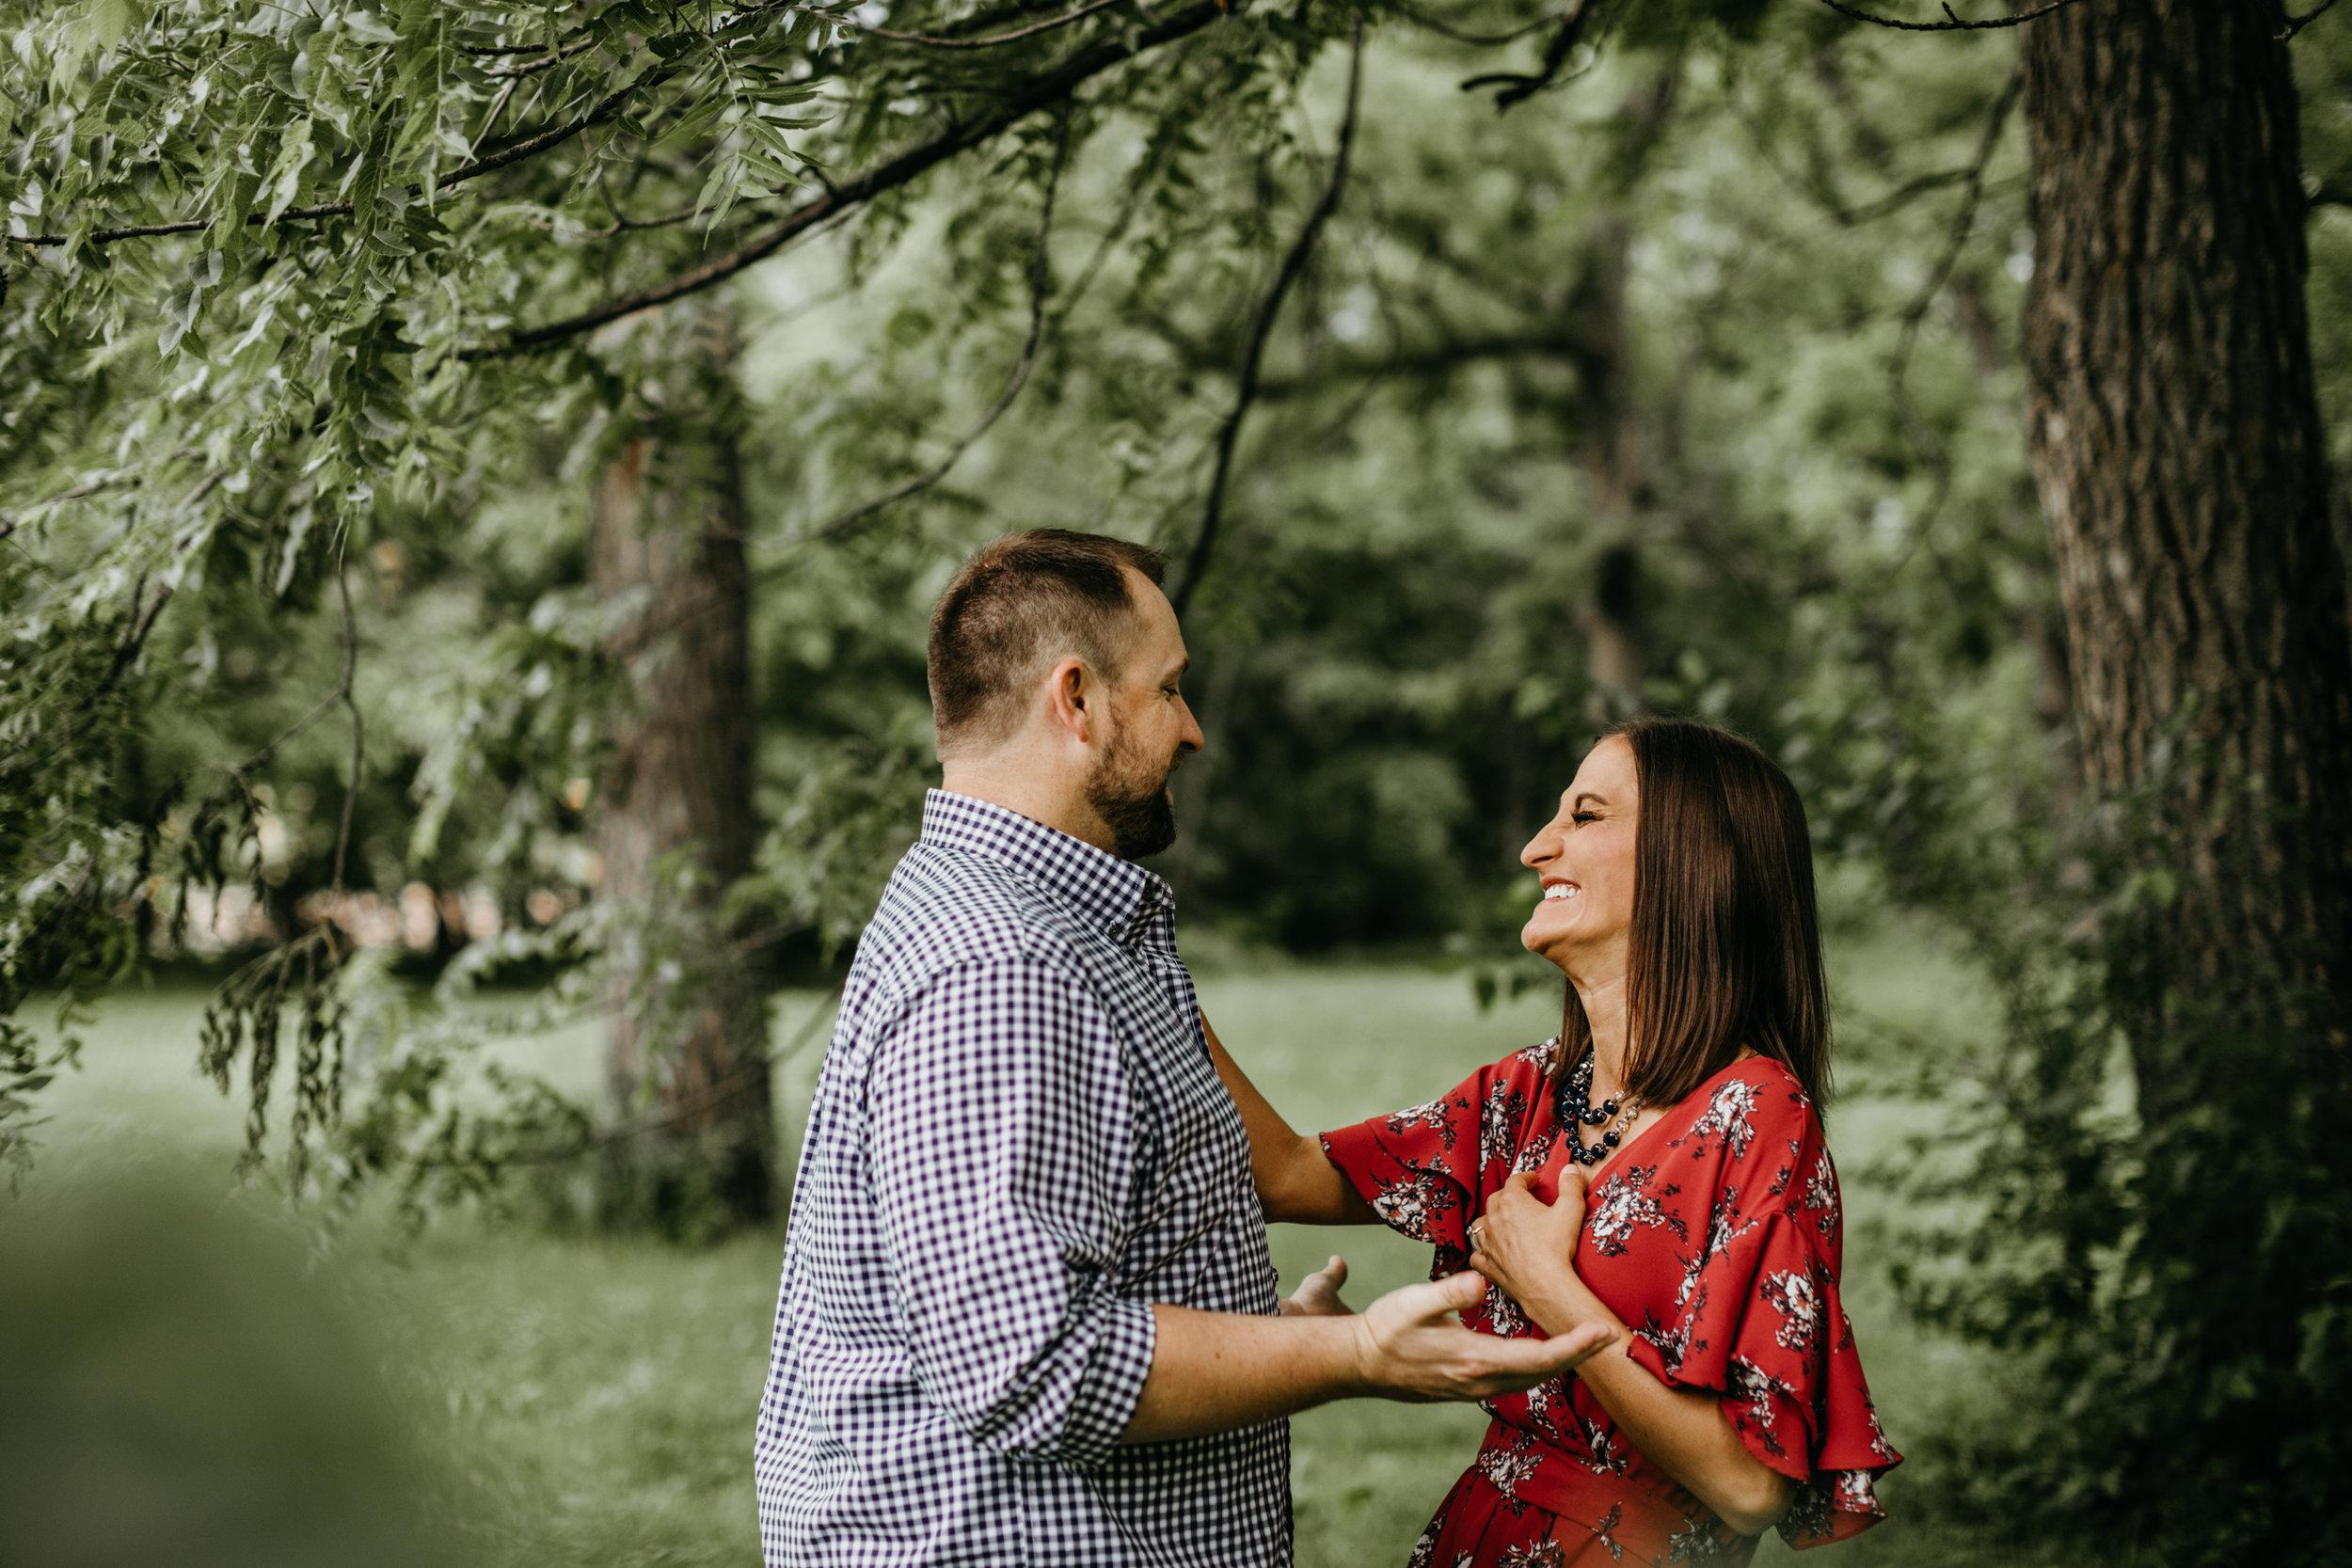 KaylaAndMichael-Engaged-75.jpg